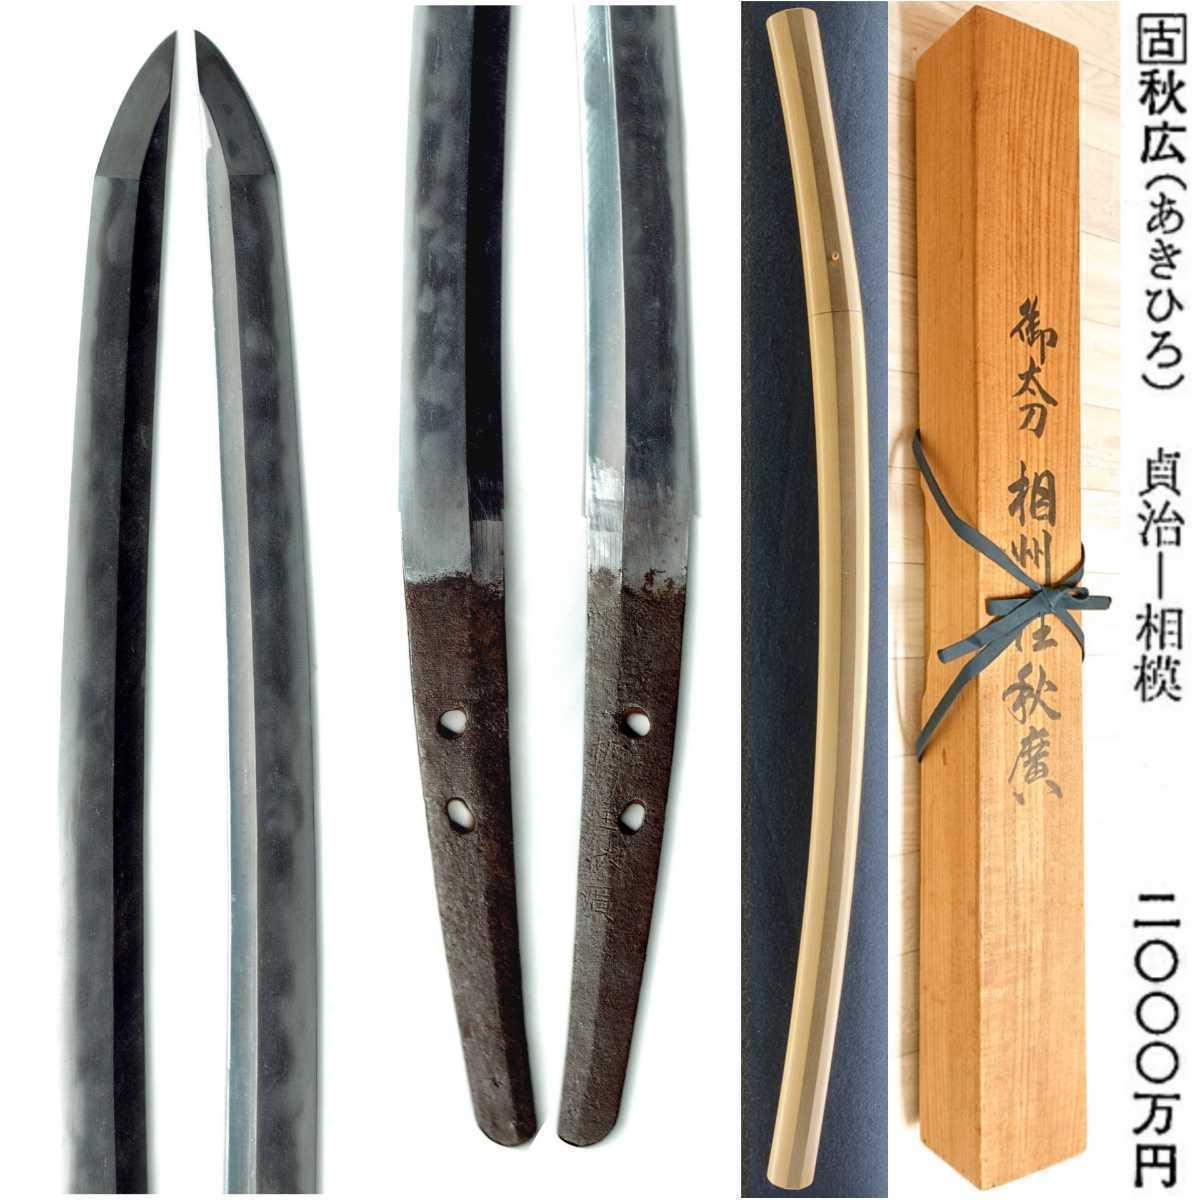 【 皆焼 】 太刀銘 相州住秋広 南北朝時代の相州伝代表工 二尺二寸二分弱 67.2cm 刀箱入り 令和2年7月に再交付されたうぶ品です